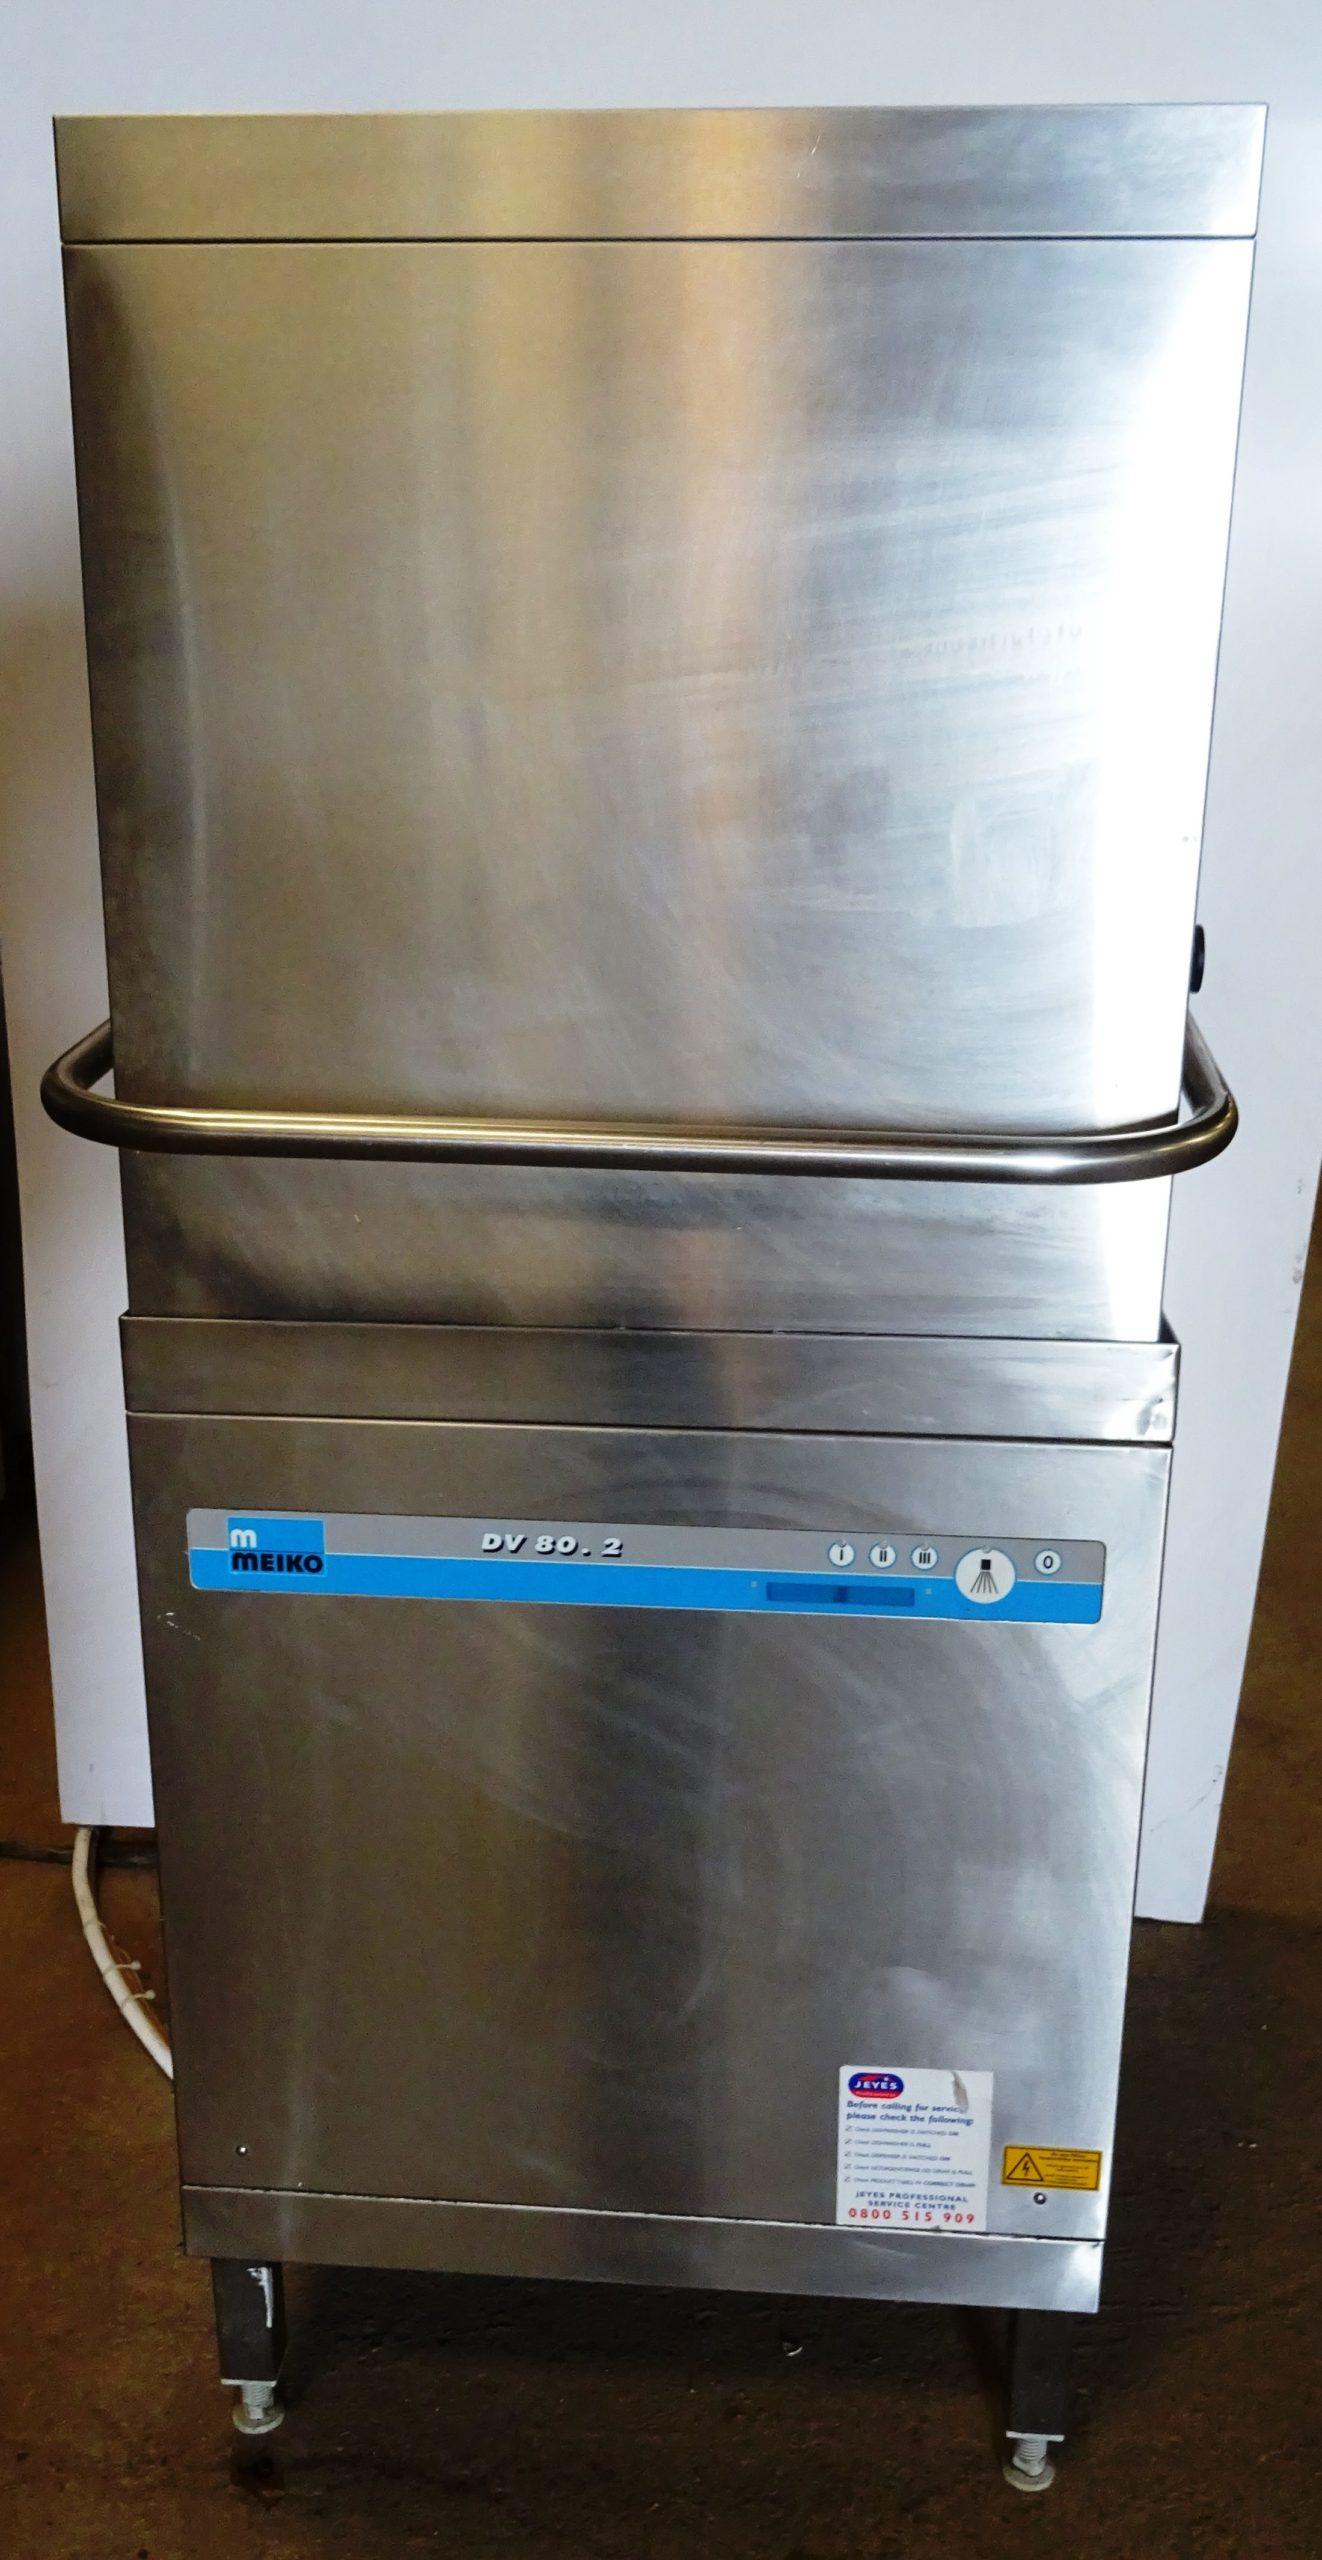 MEIKO DV80.2 Pass Through Dish Washer